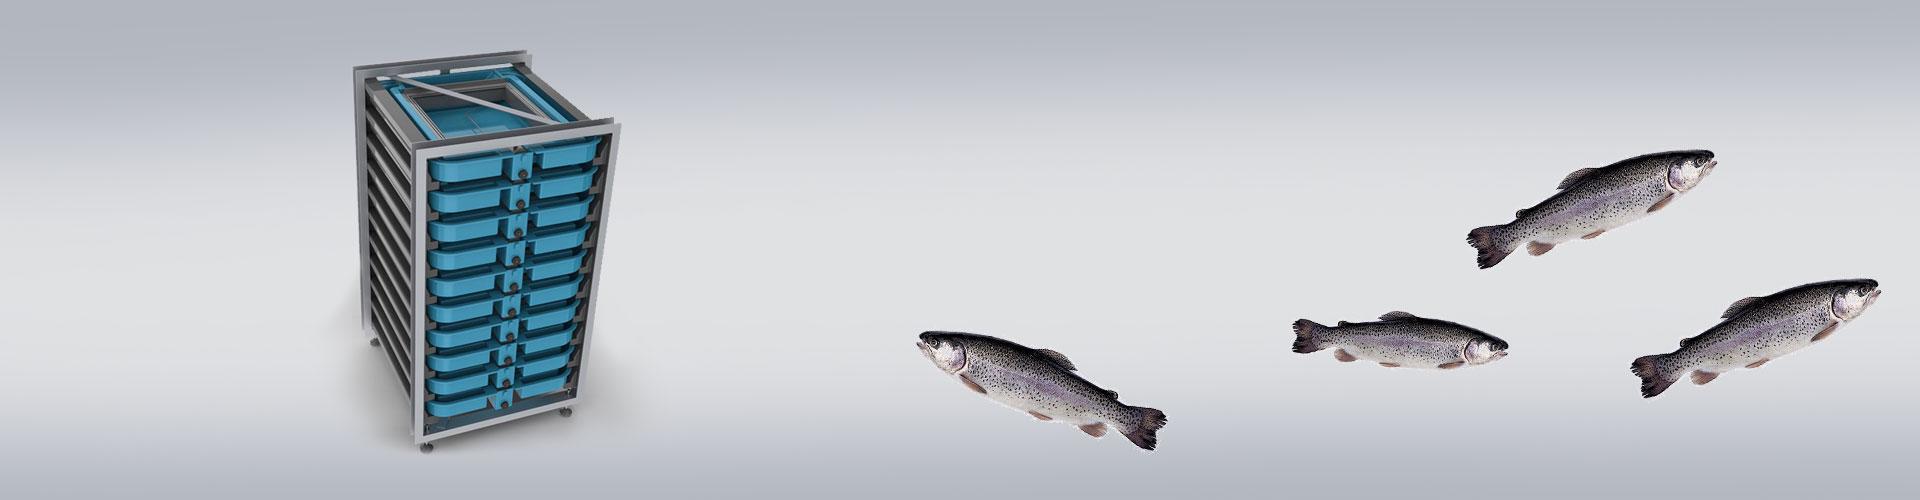 Fer Trout Incubator, Alabalık Kuluçka Dolabı